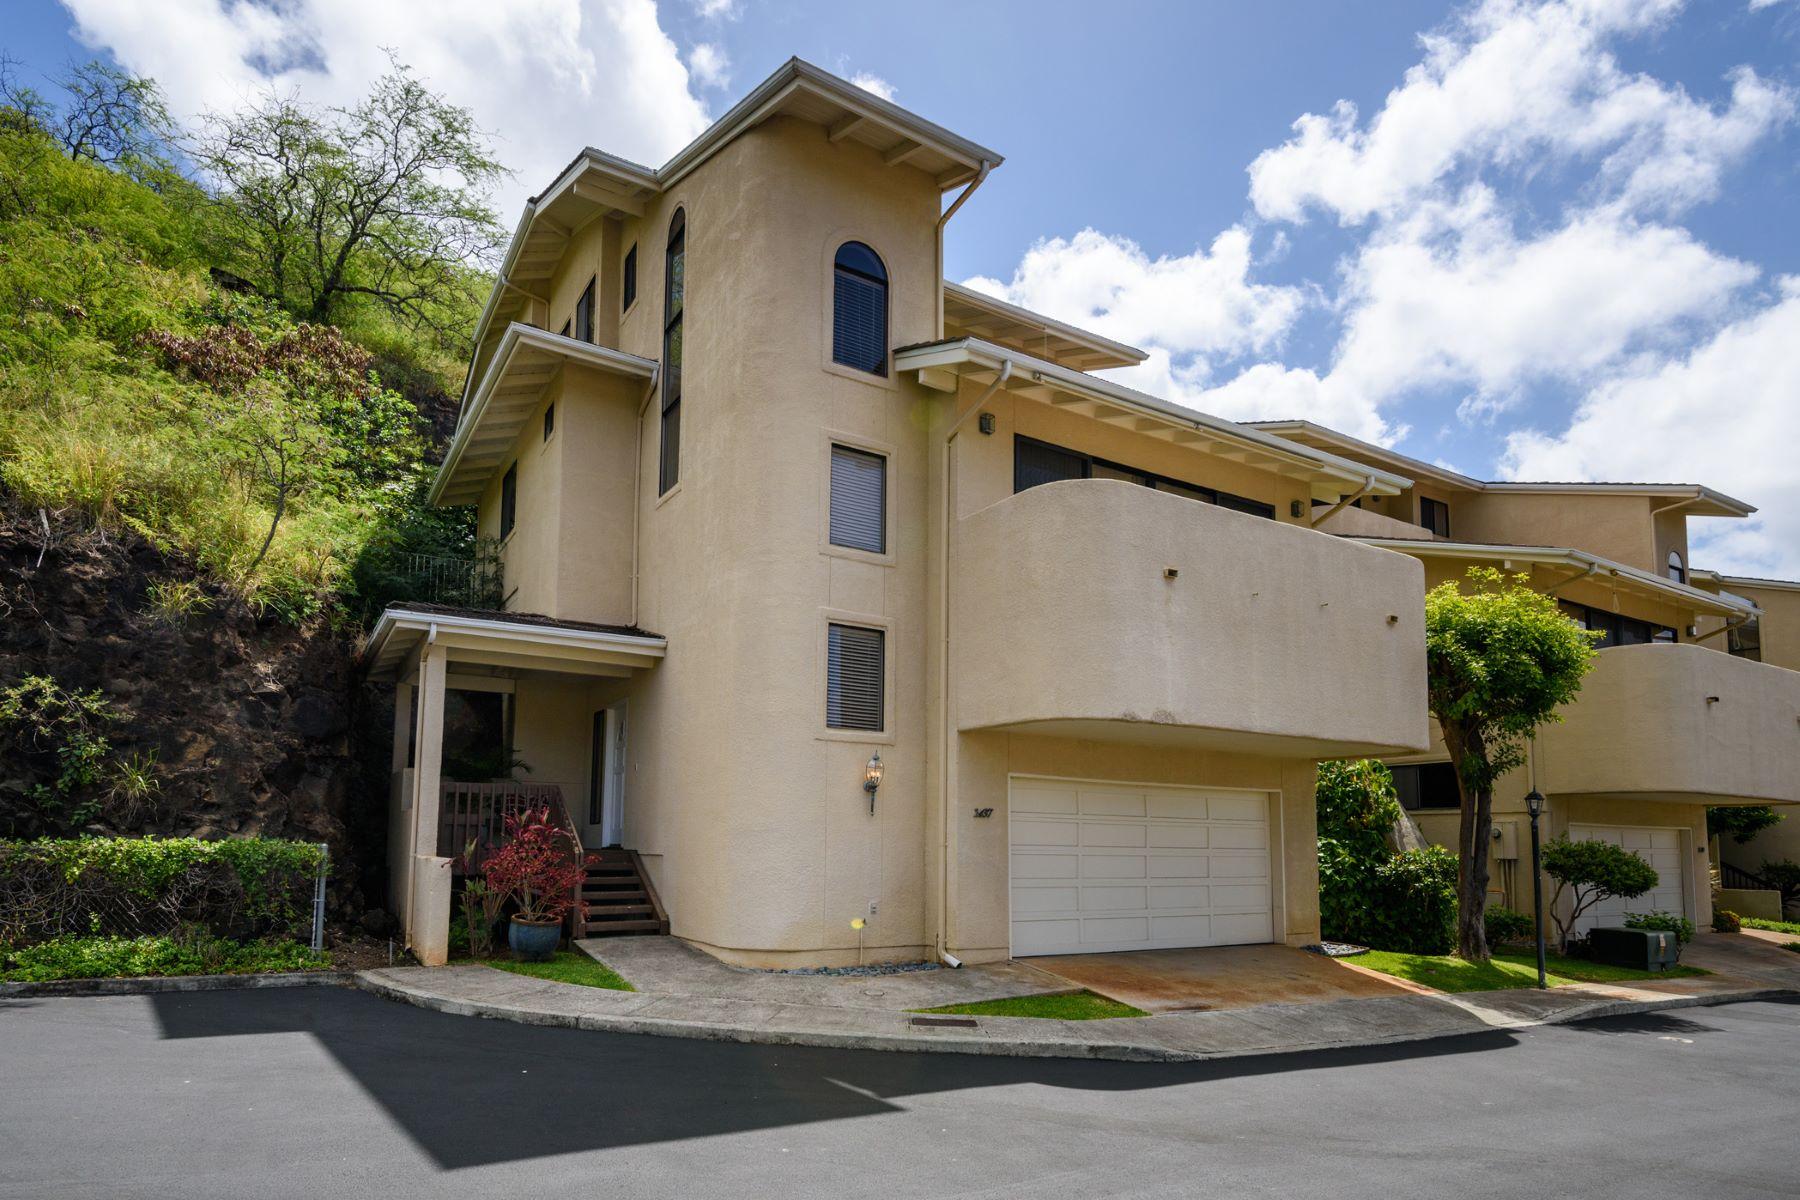 Частный односемейный дом для того Продажа на Exclusive Kalani Iki Hideaway 1437 Hoakoa Place #10 Kalani Iki, Honolulu, Гавайи, 96821 Соединенные Штаты